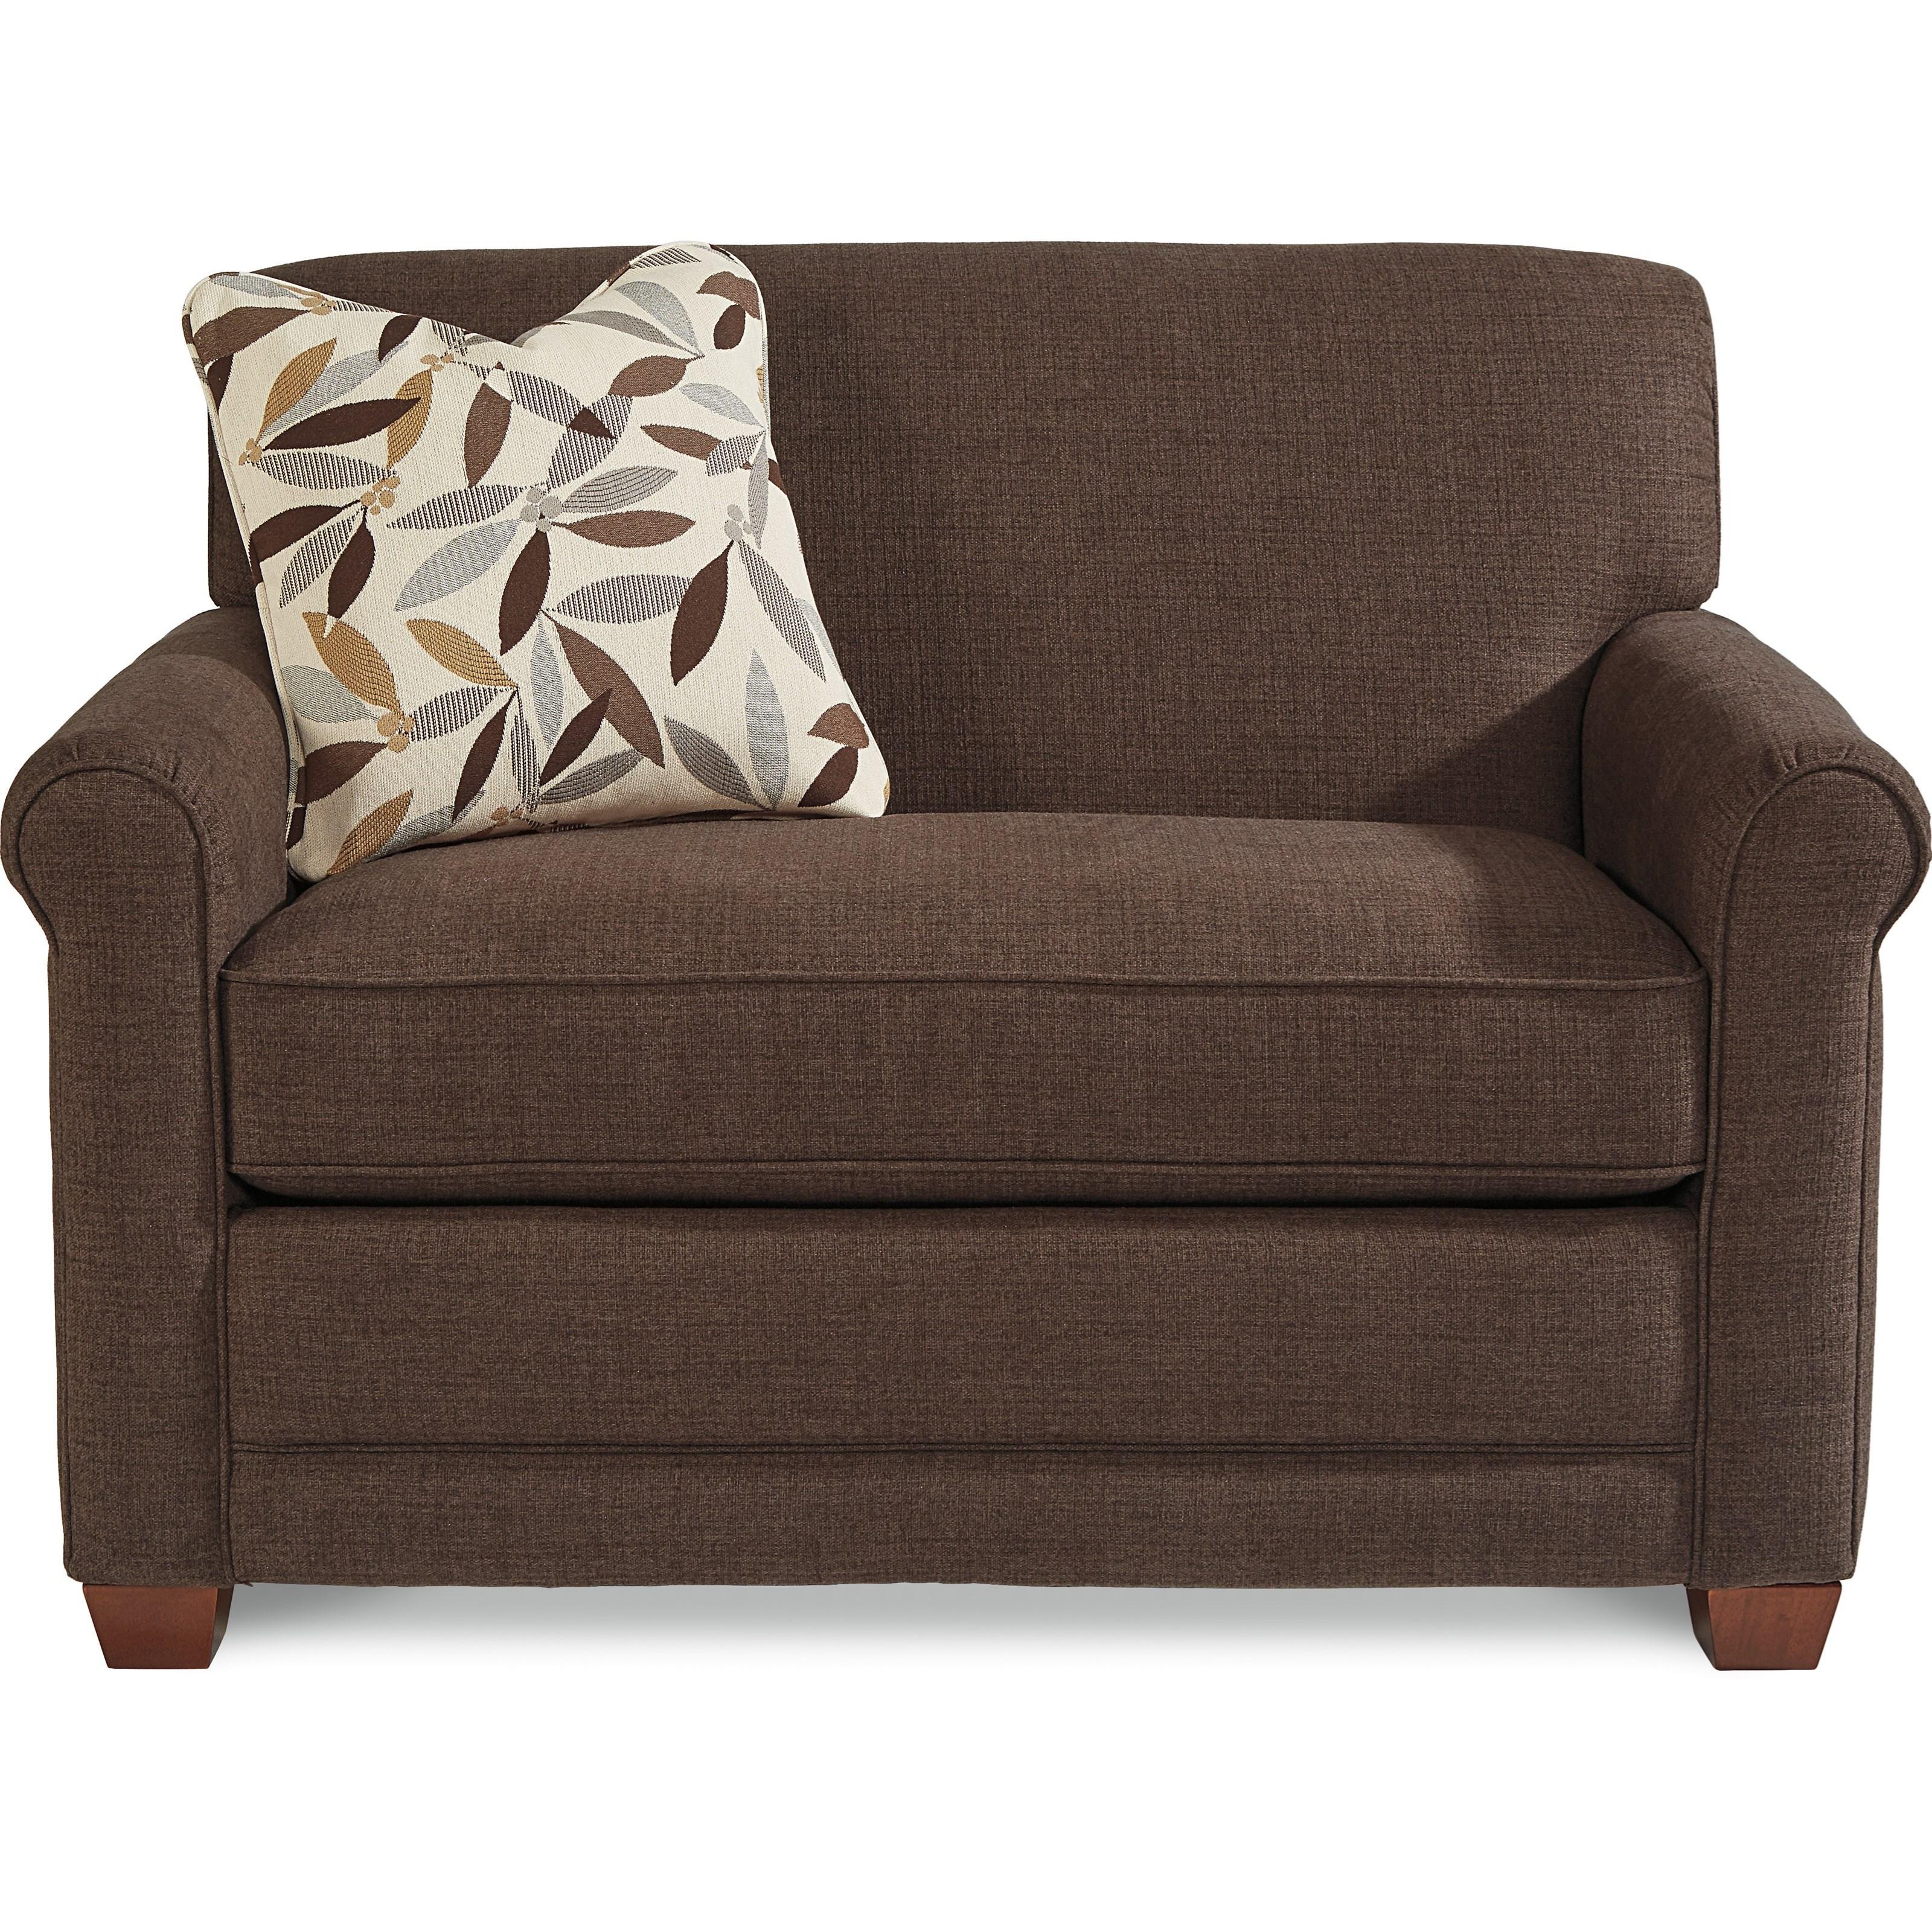 Ordinaire Morris Furniture